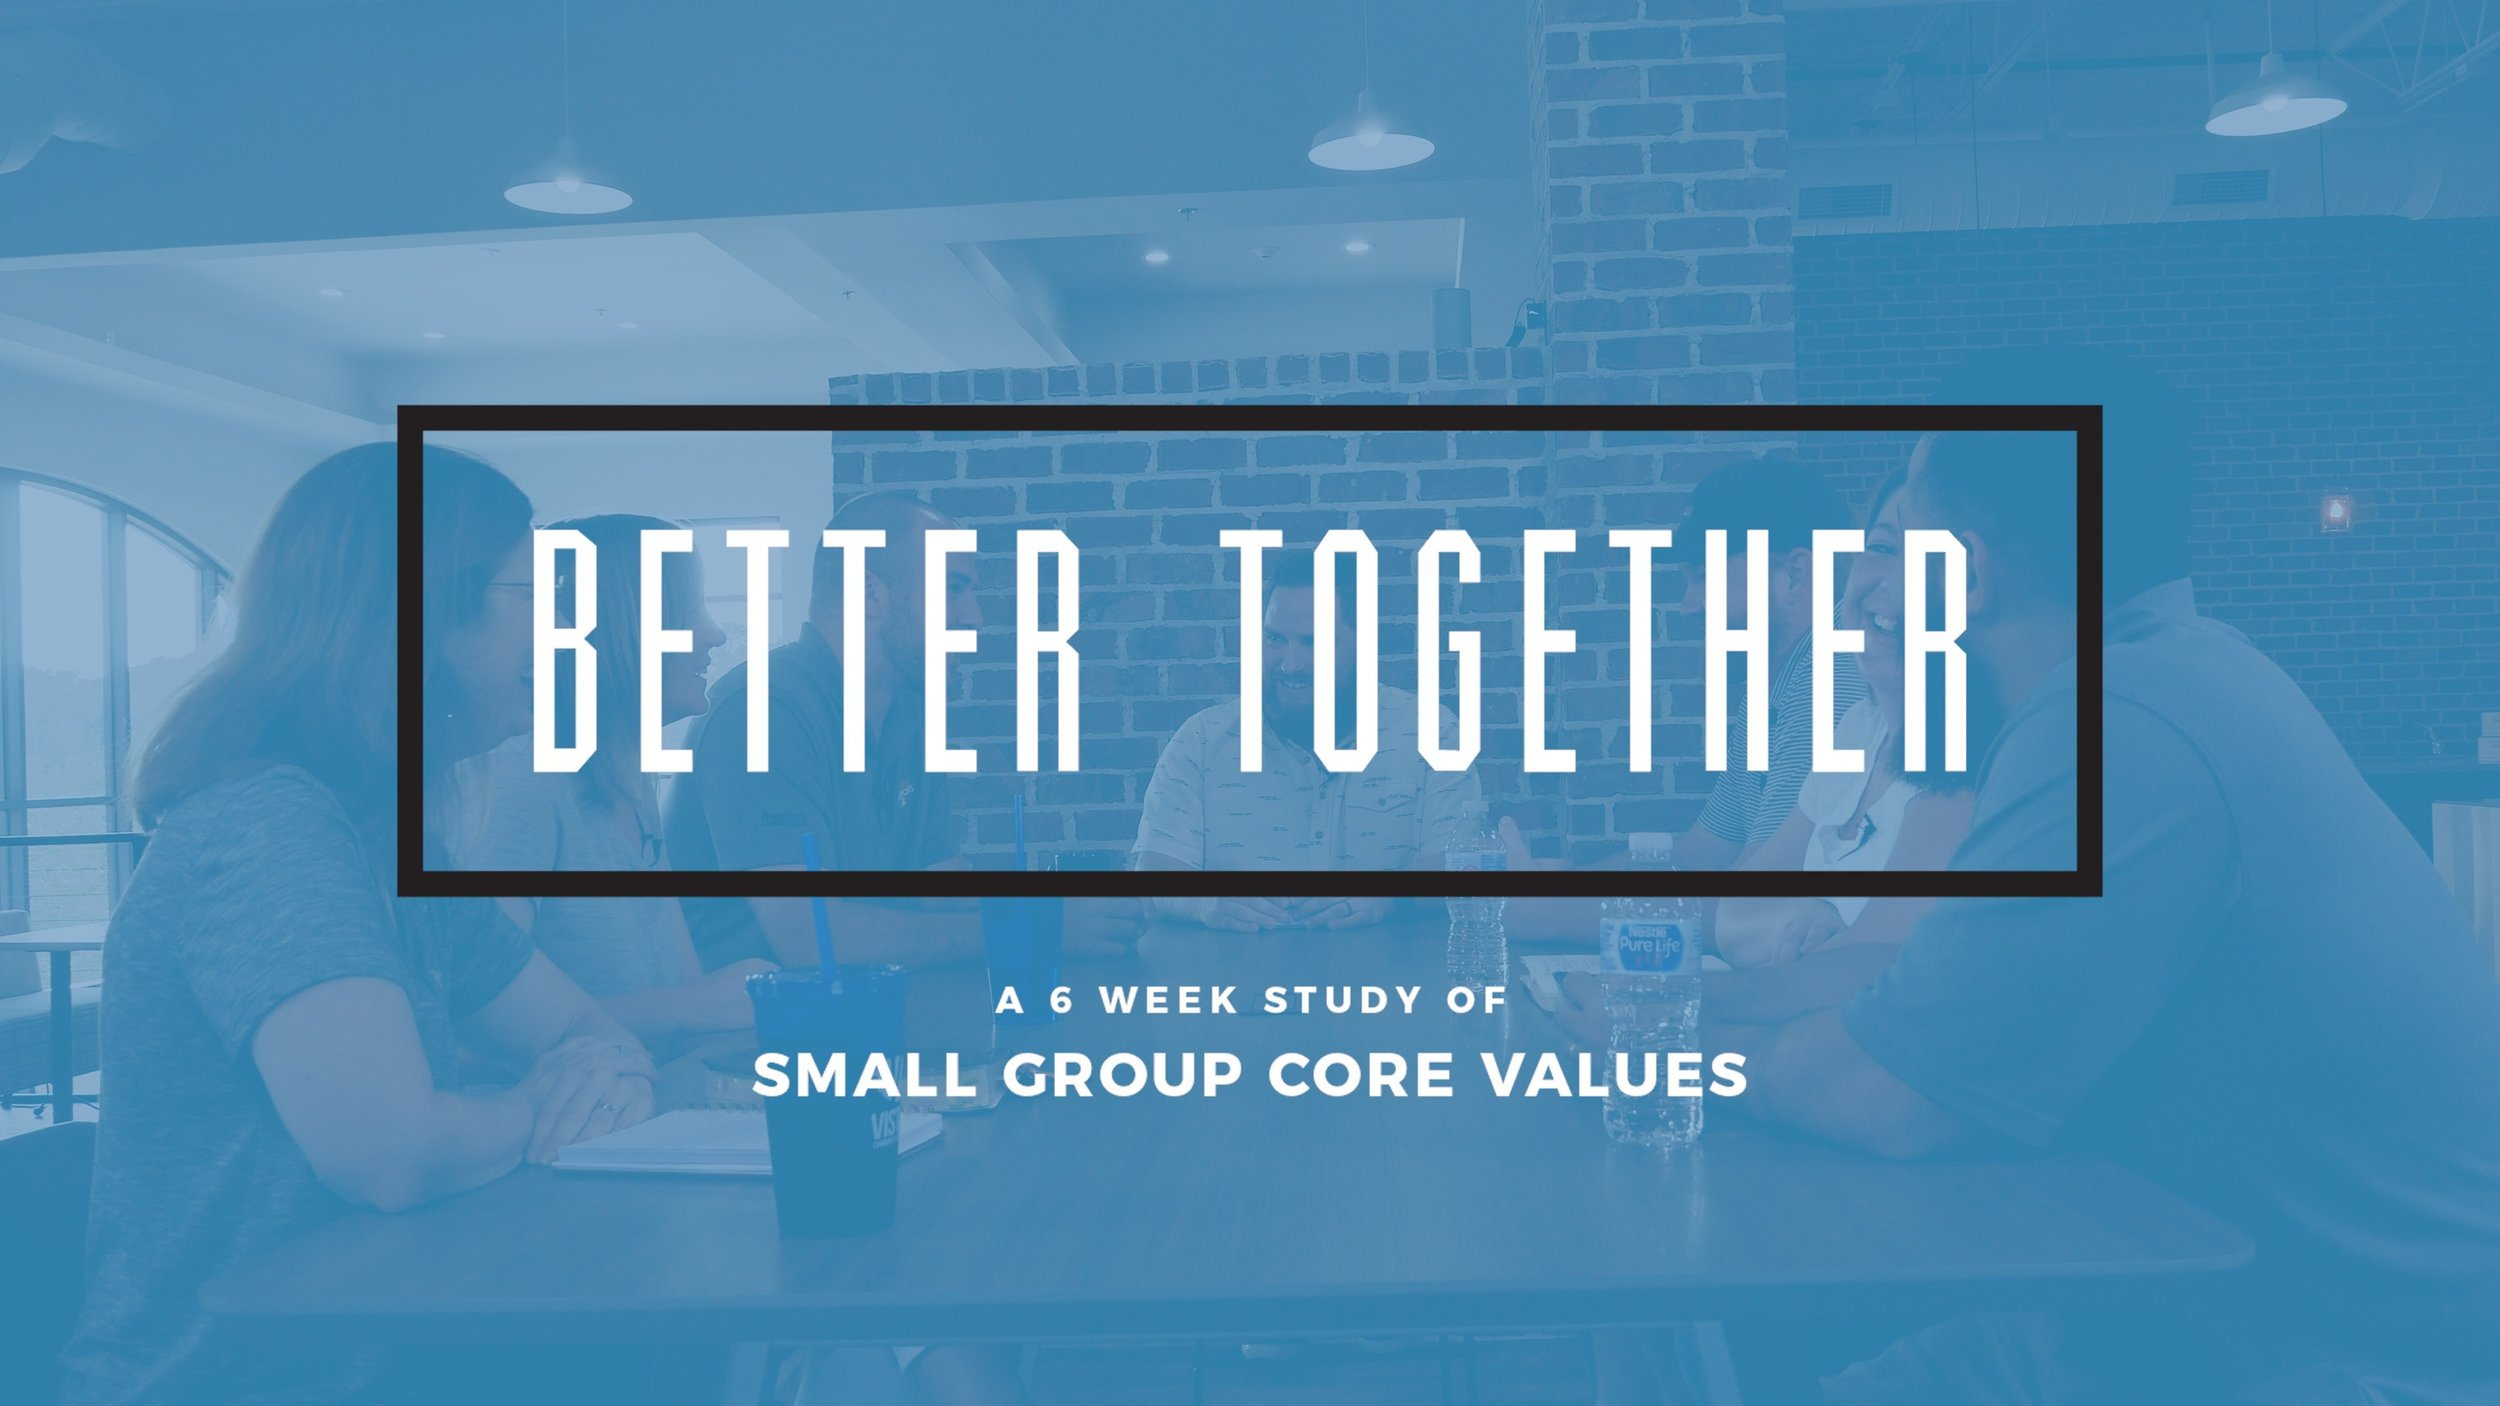 Better together.jpg.jpeg